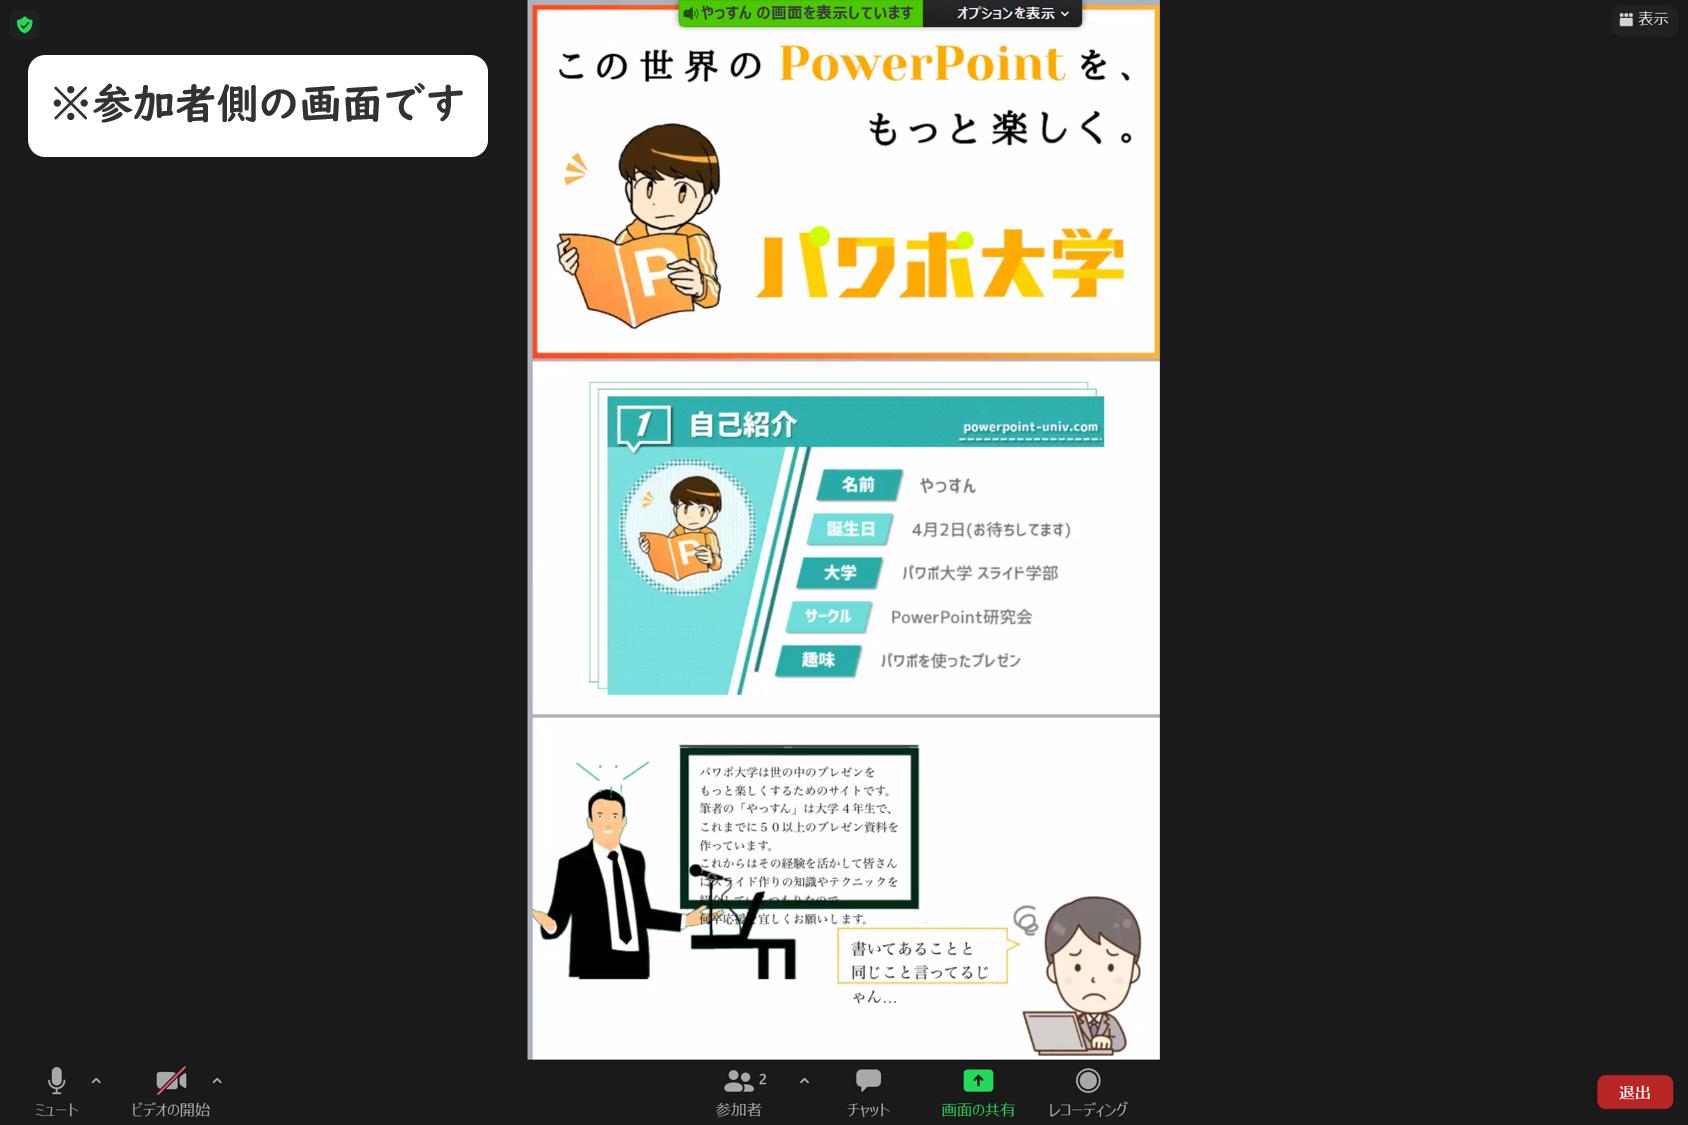 パワーポイントの画面がZoomの参加者に表示される